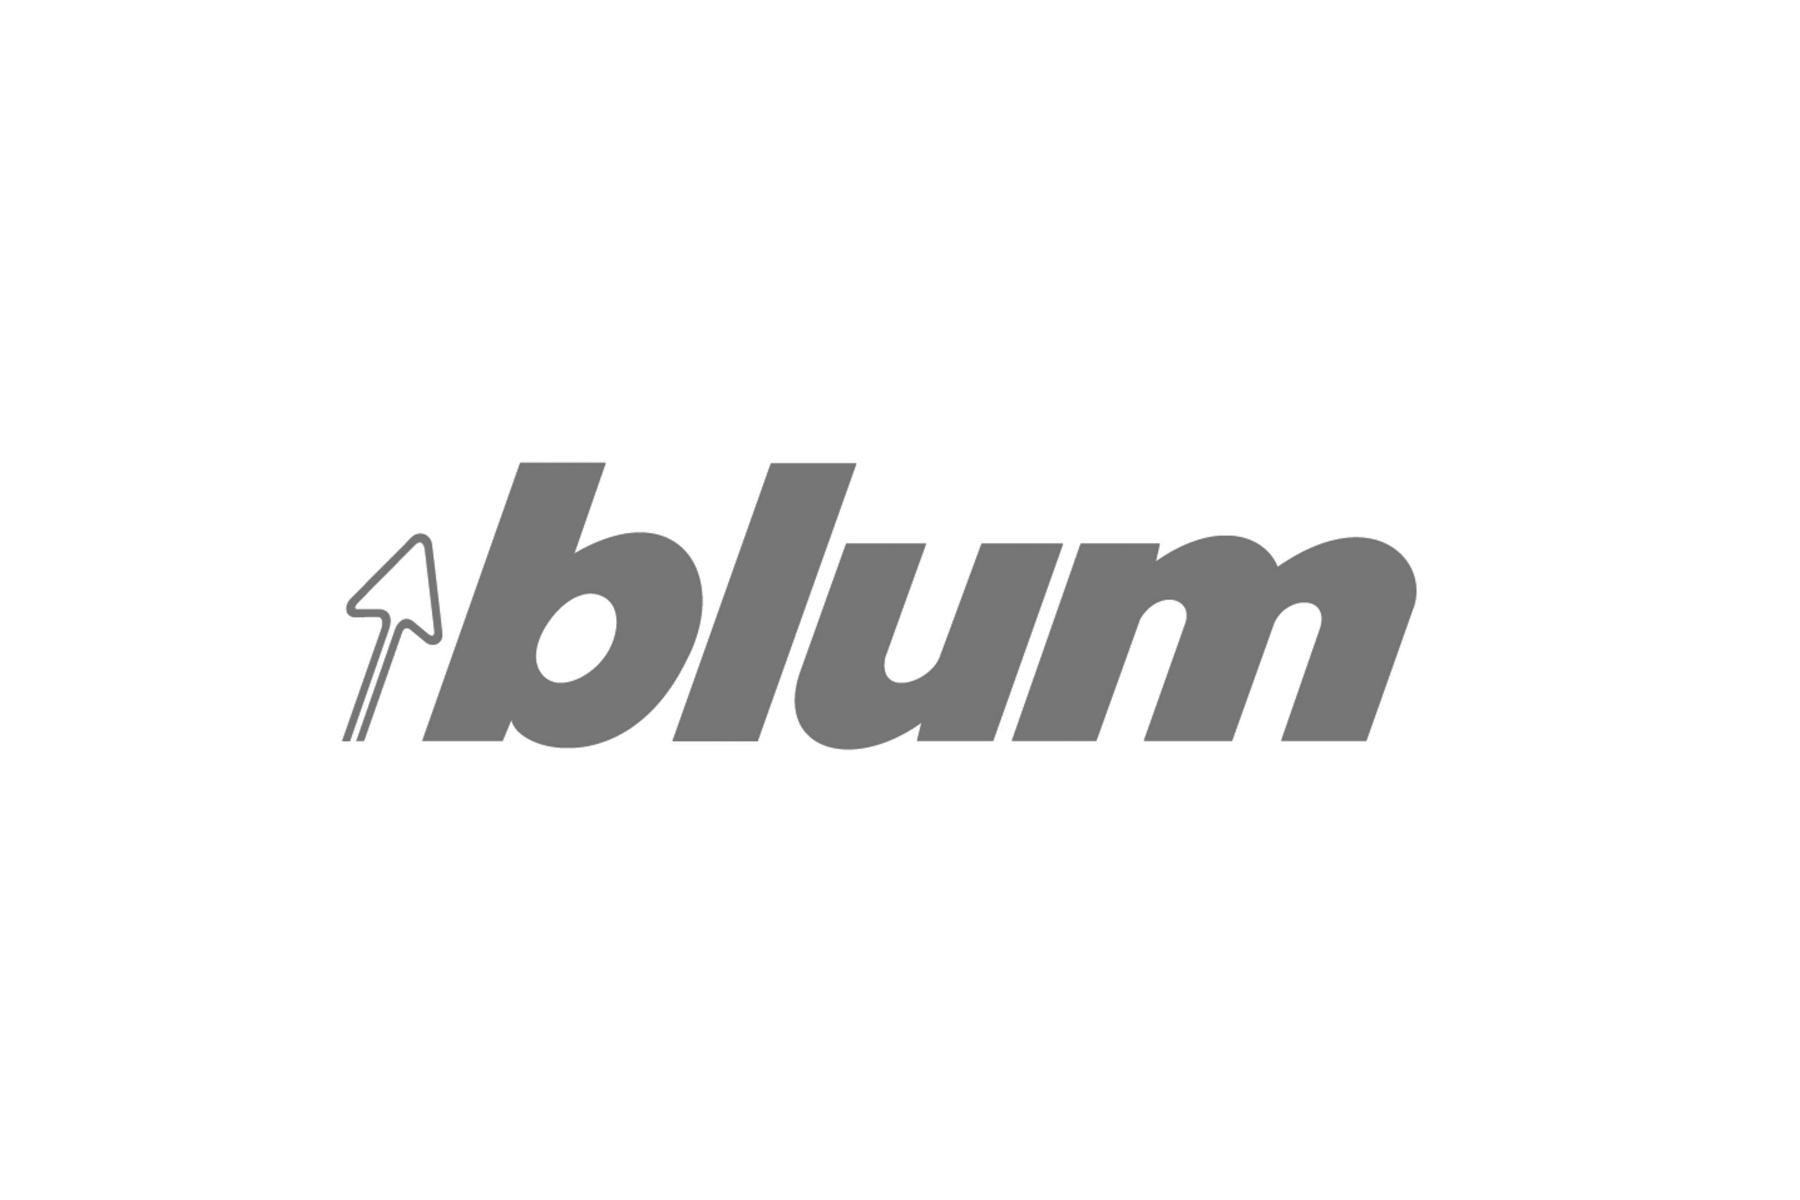 Blum GS.jpg